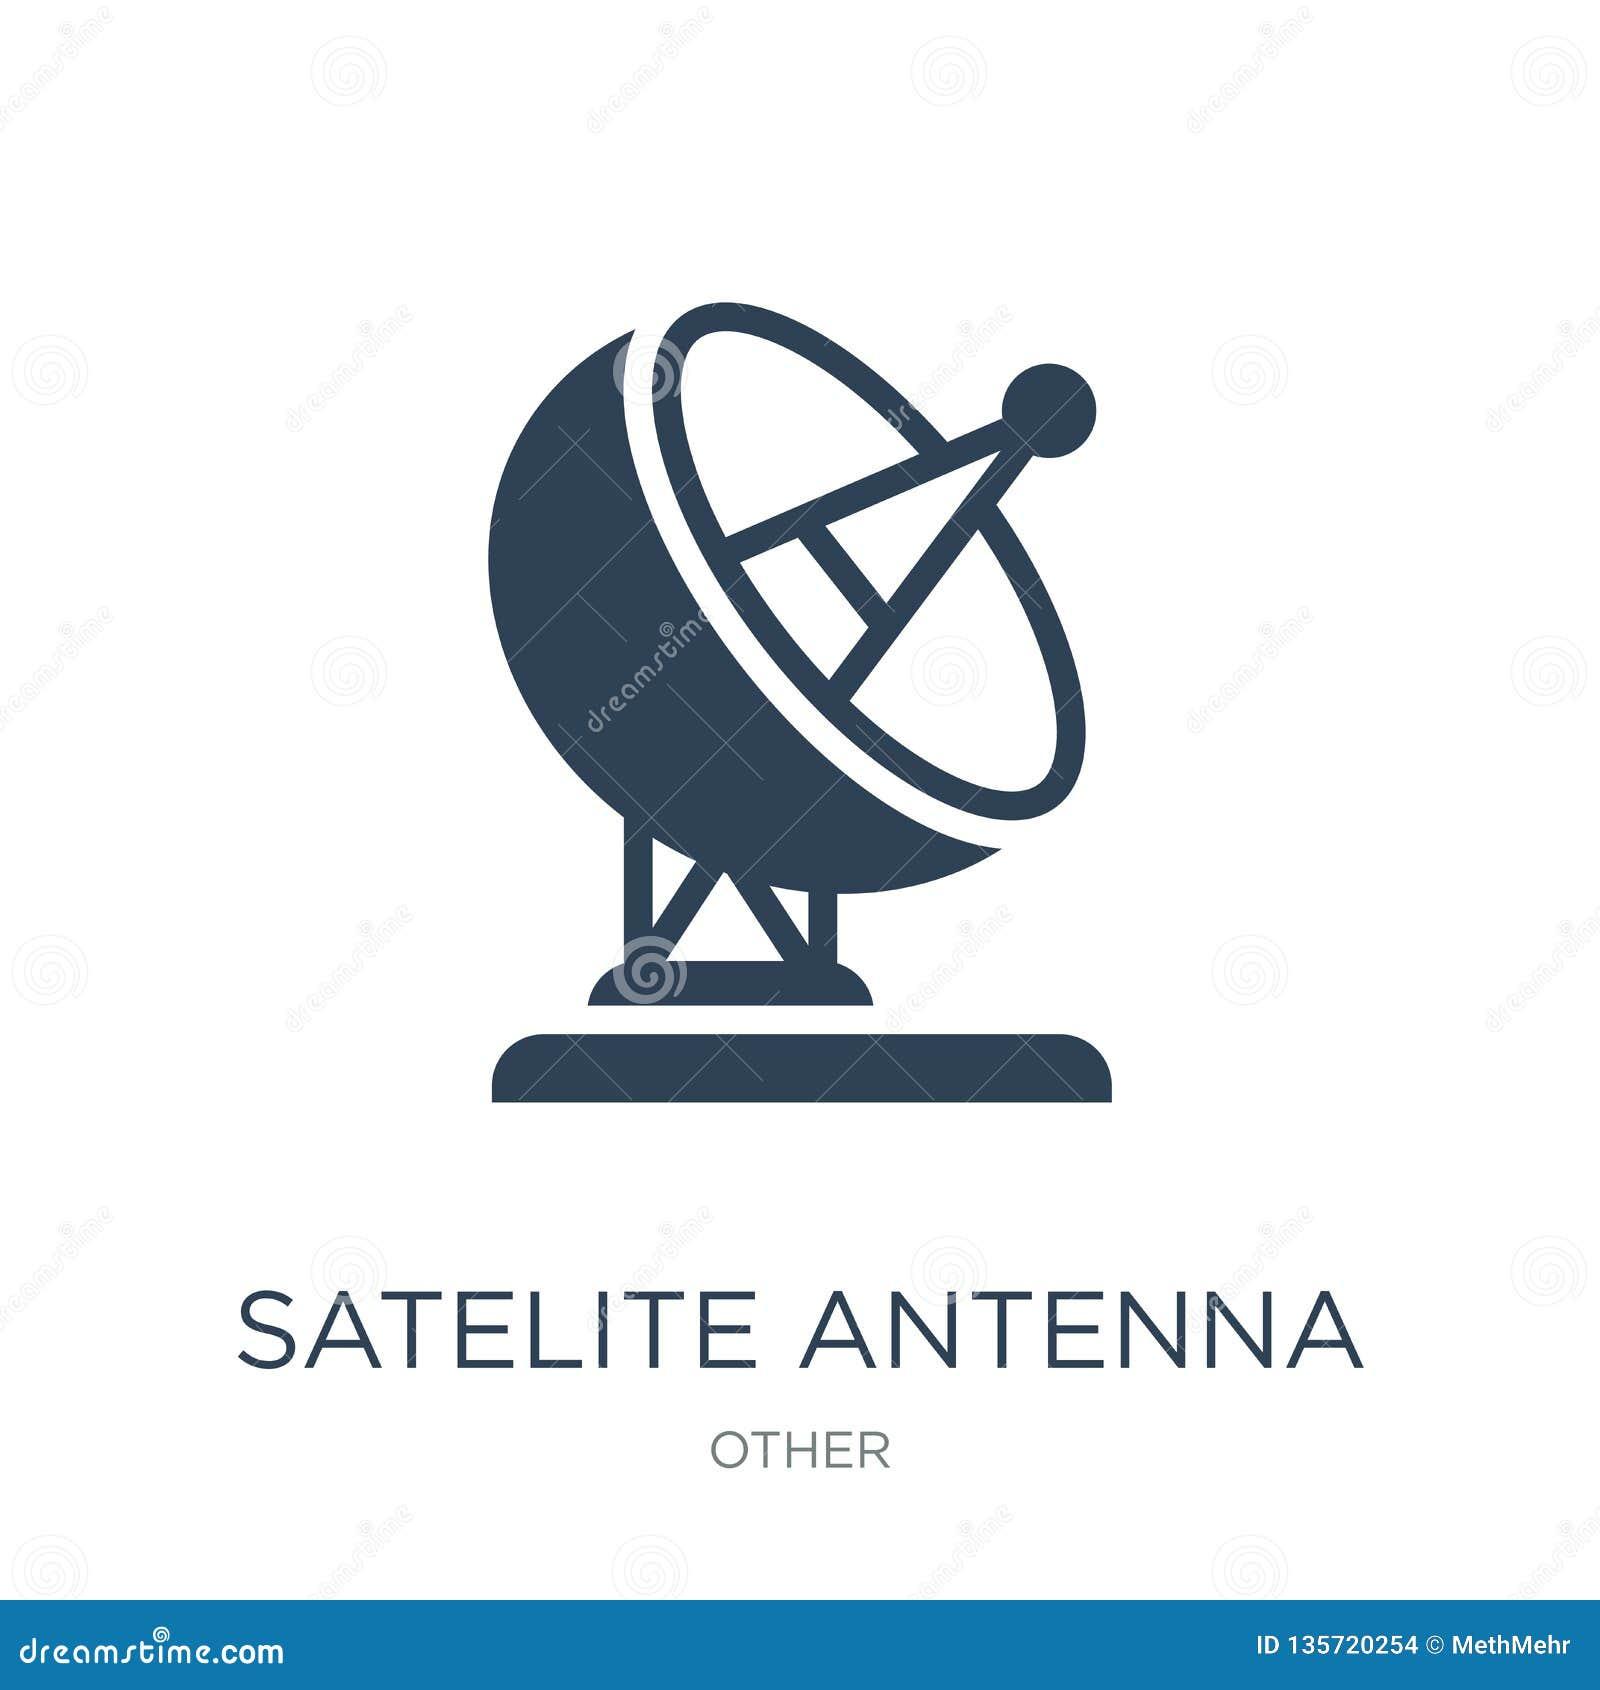 δορυφορικό εικονίδιο κεραιών στο καθιερώνον τη μόδα ύφος σχεδίου δορυφορικό εικονίδιο κεραιών που απομονώνεται στο άσπρο υπόβαθρο